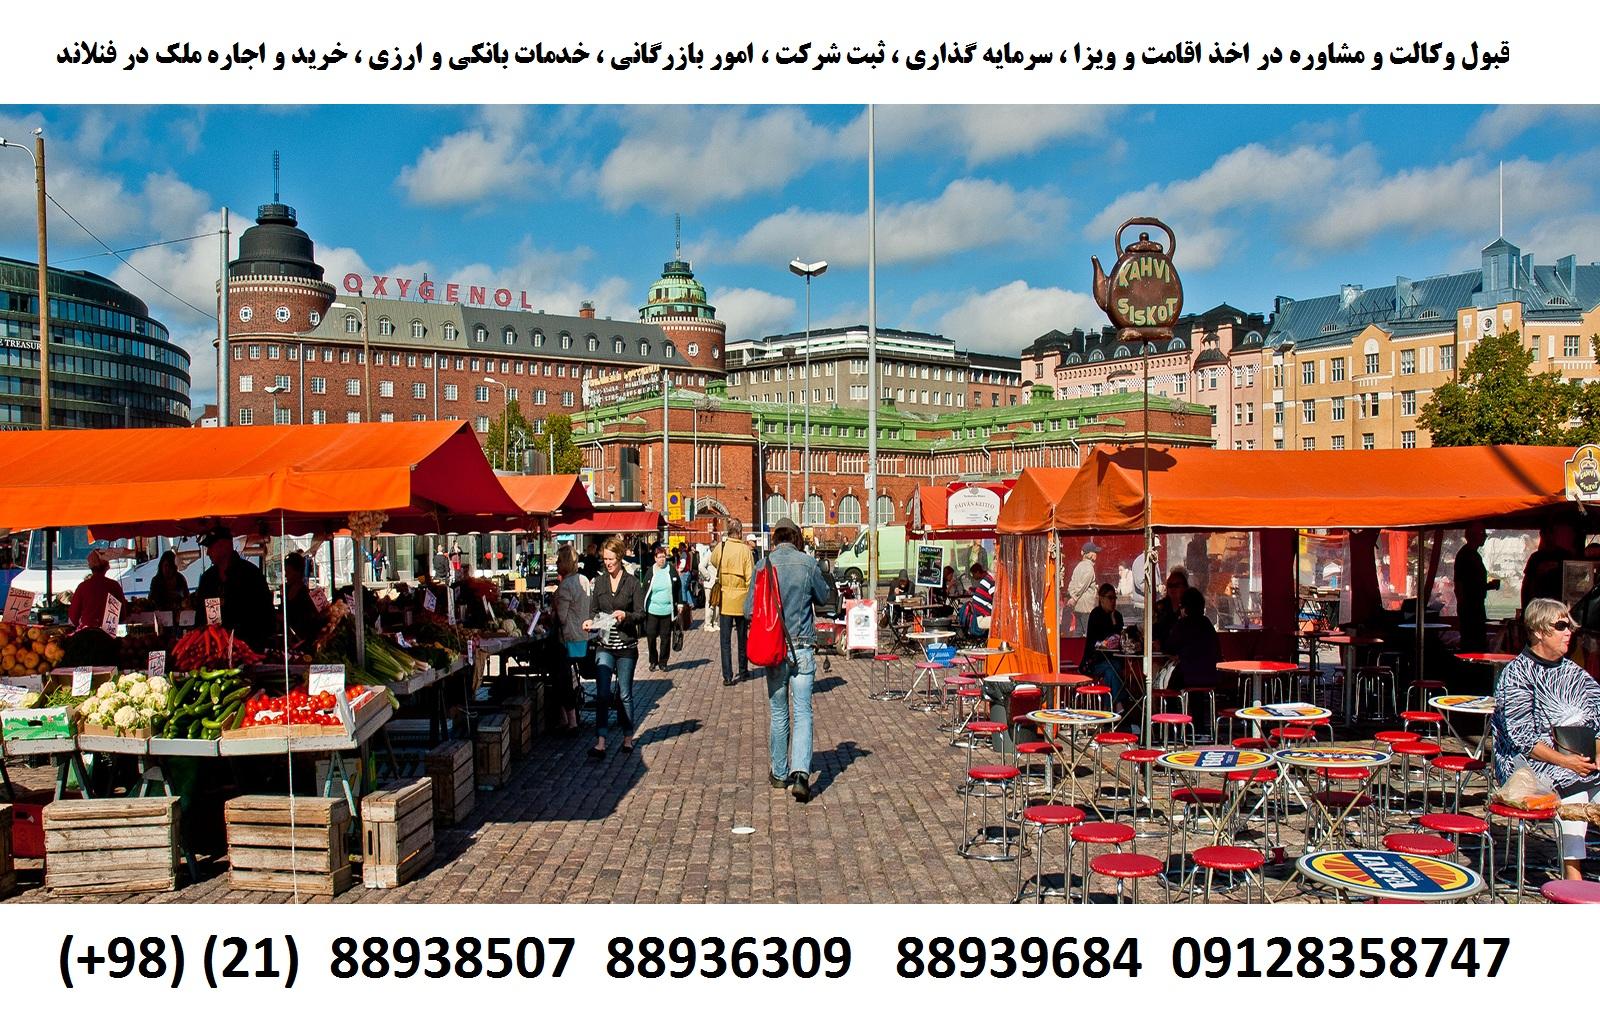 اقامت ، اخذ ویزا ، ثبت شرکت ، سرمایه گذاری در فنلاند (4)